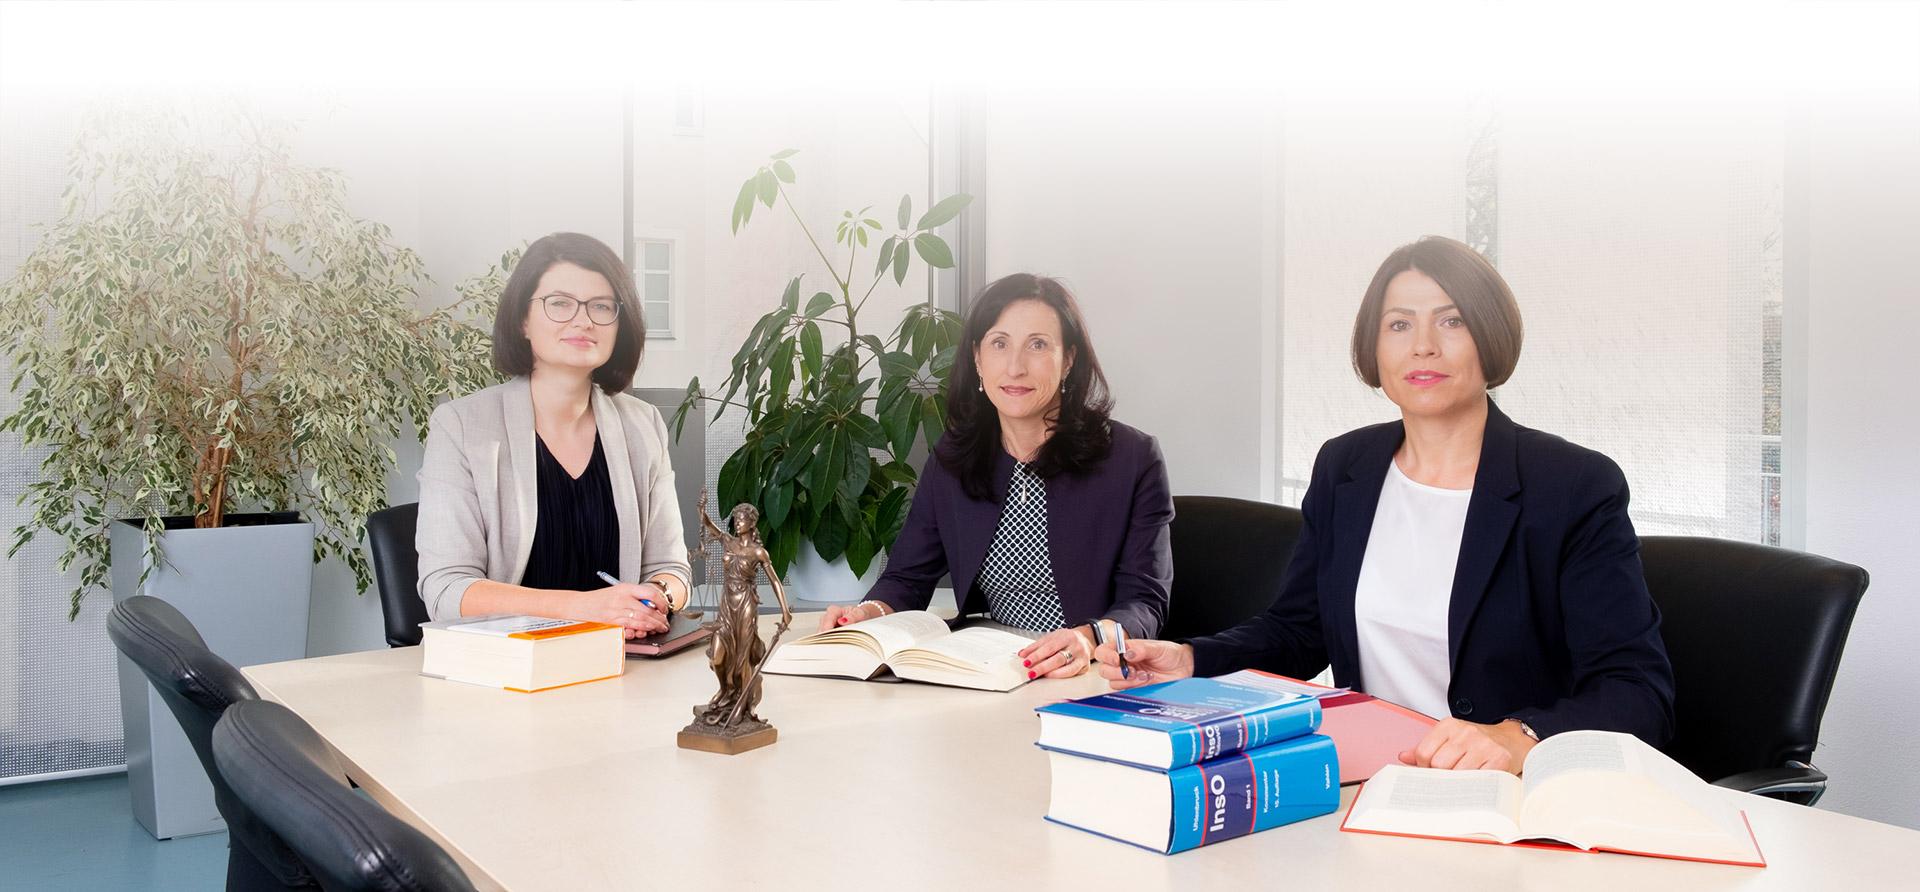 RA Dr. Chrsita Kraemer, Schiffmann & Koll GbR